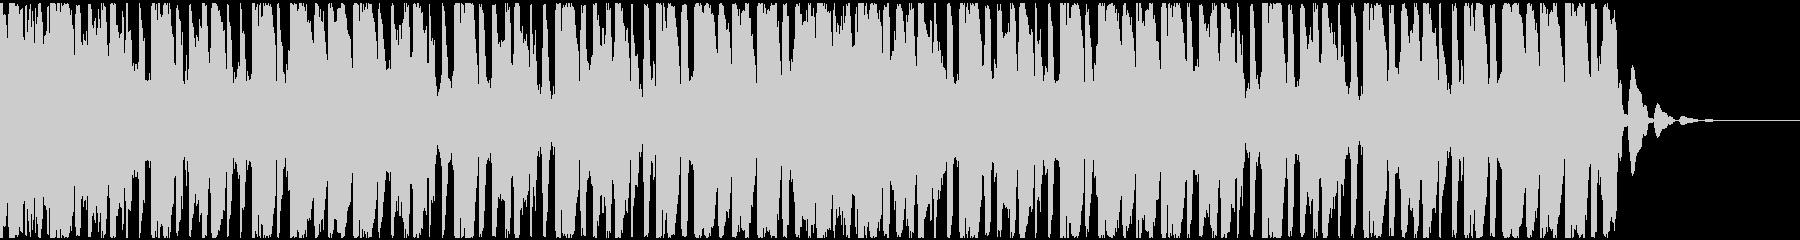 【EDM】トランス、ジングル4の未再生の波形